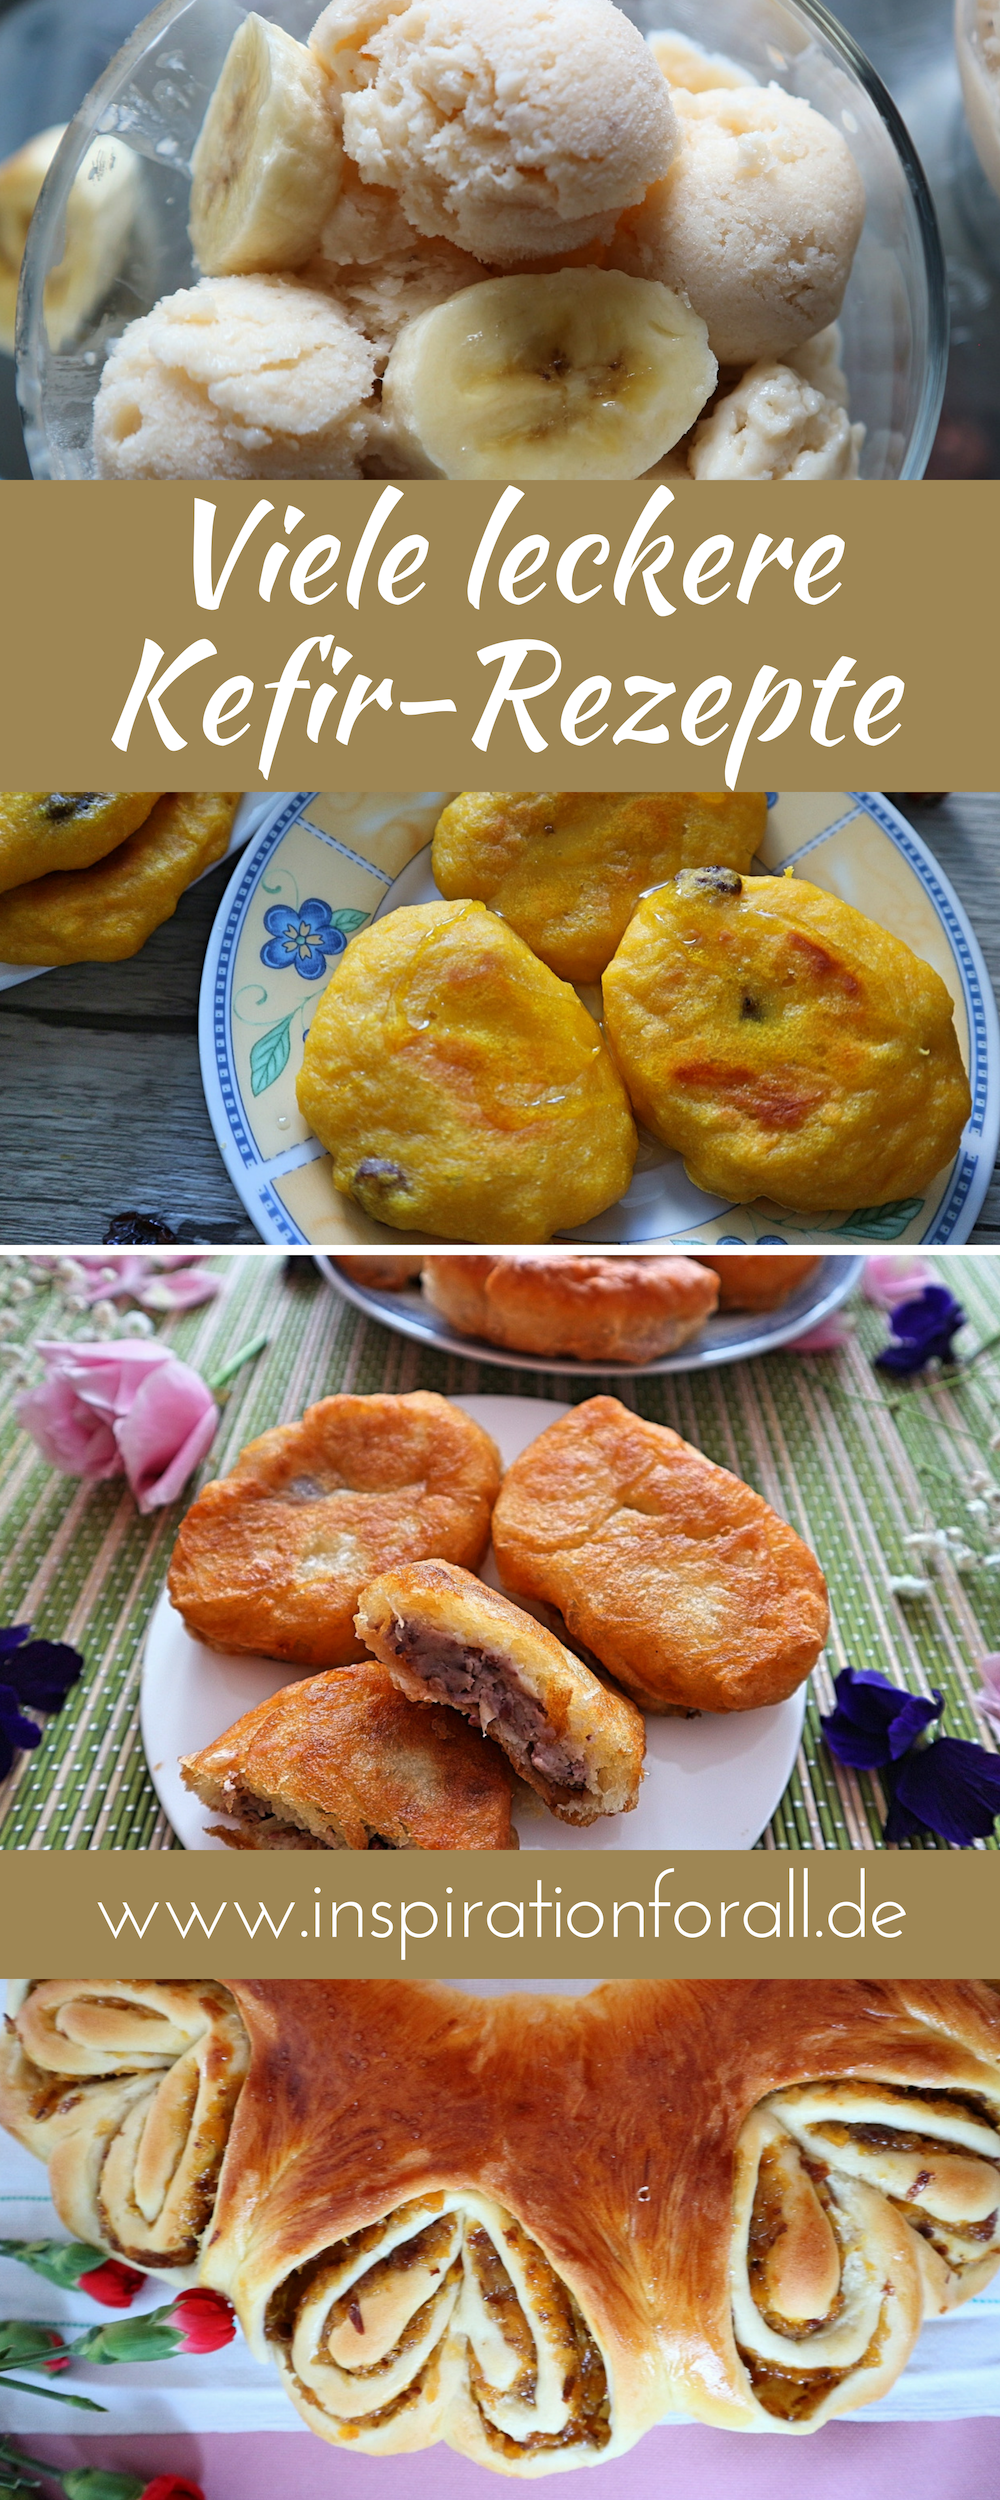 Kefir Rezepte – von Blini, über Tworog bis Eiscreme #vegetarischerezepteschnell